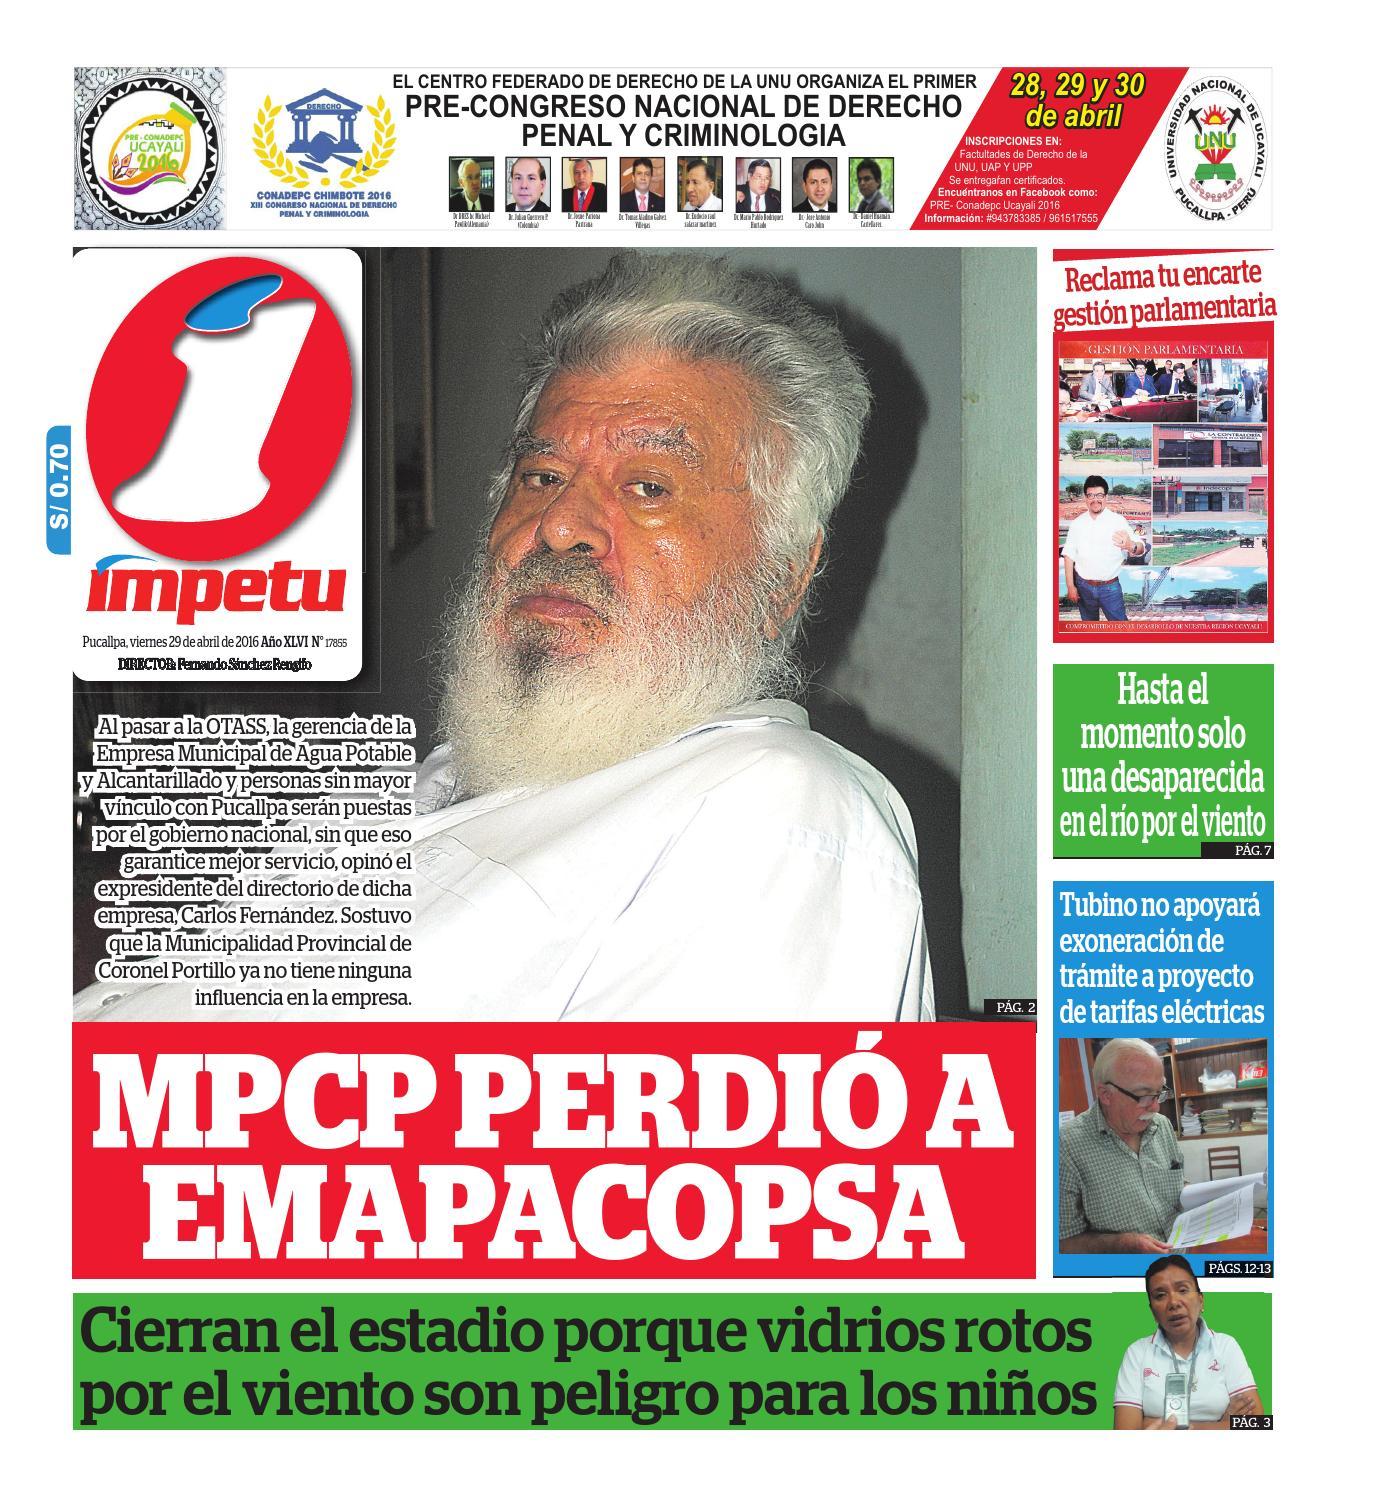 Impetu 29 de abril de 2016 by Diario Ímpetu - issuu